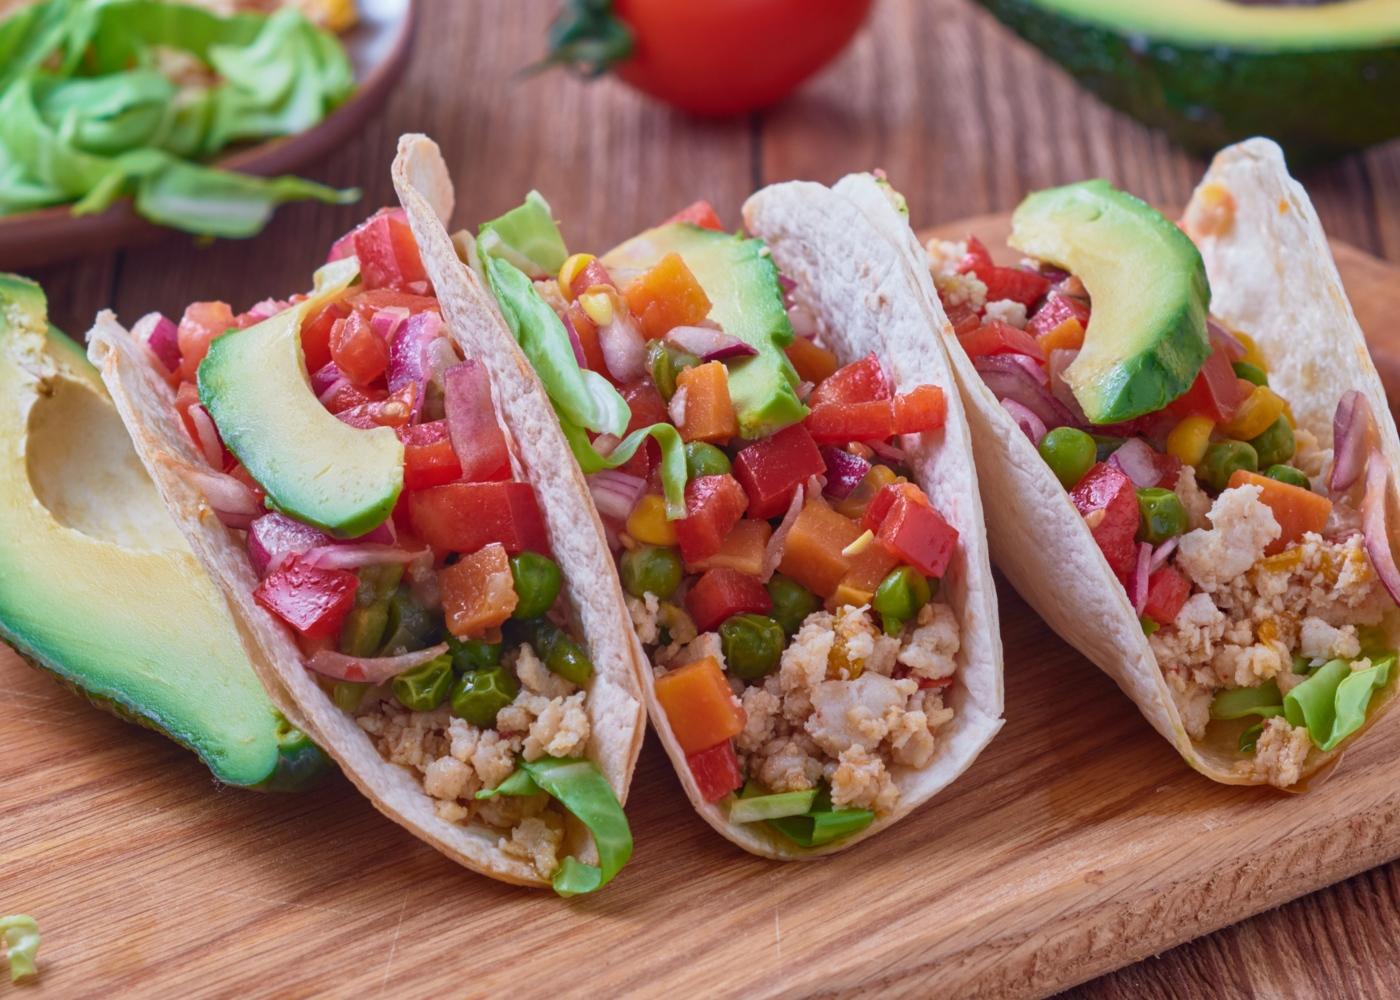 Tacos de atum com abacate